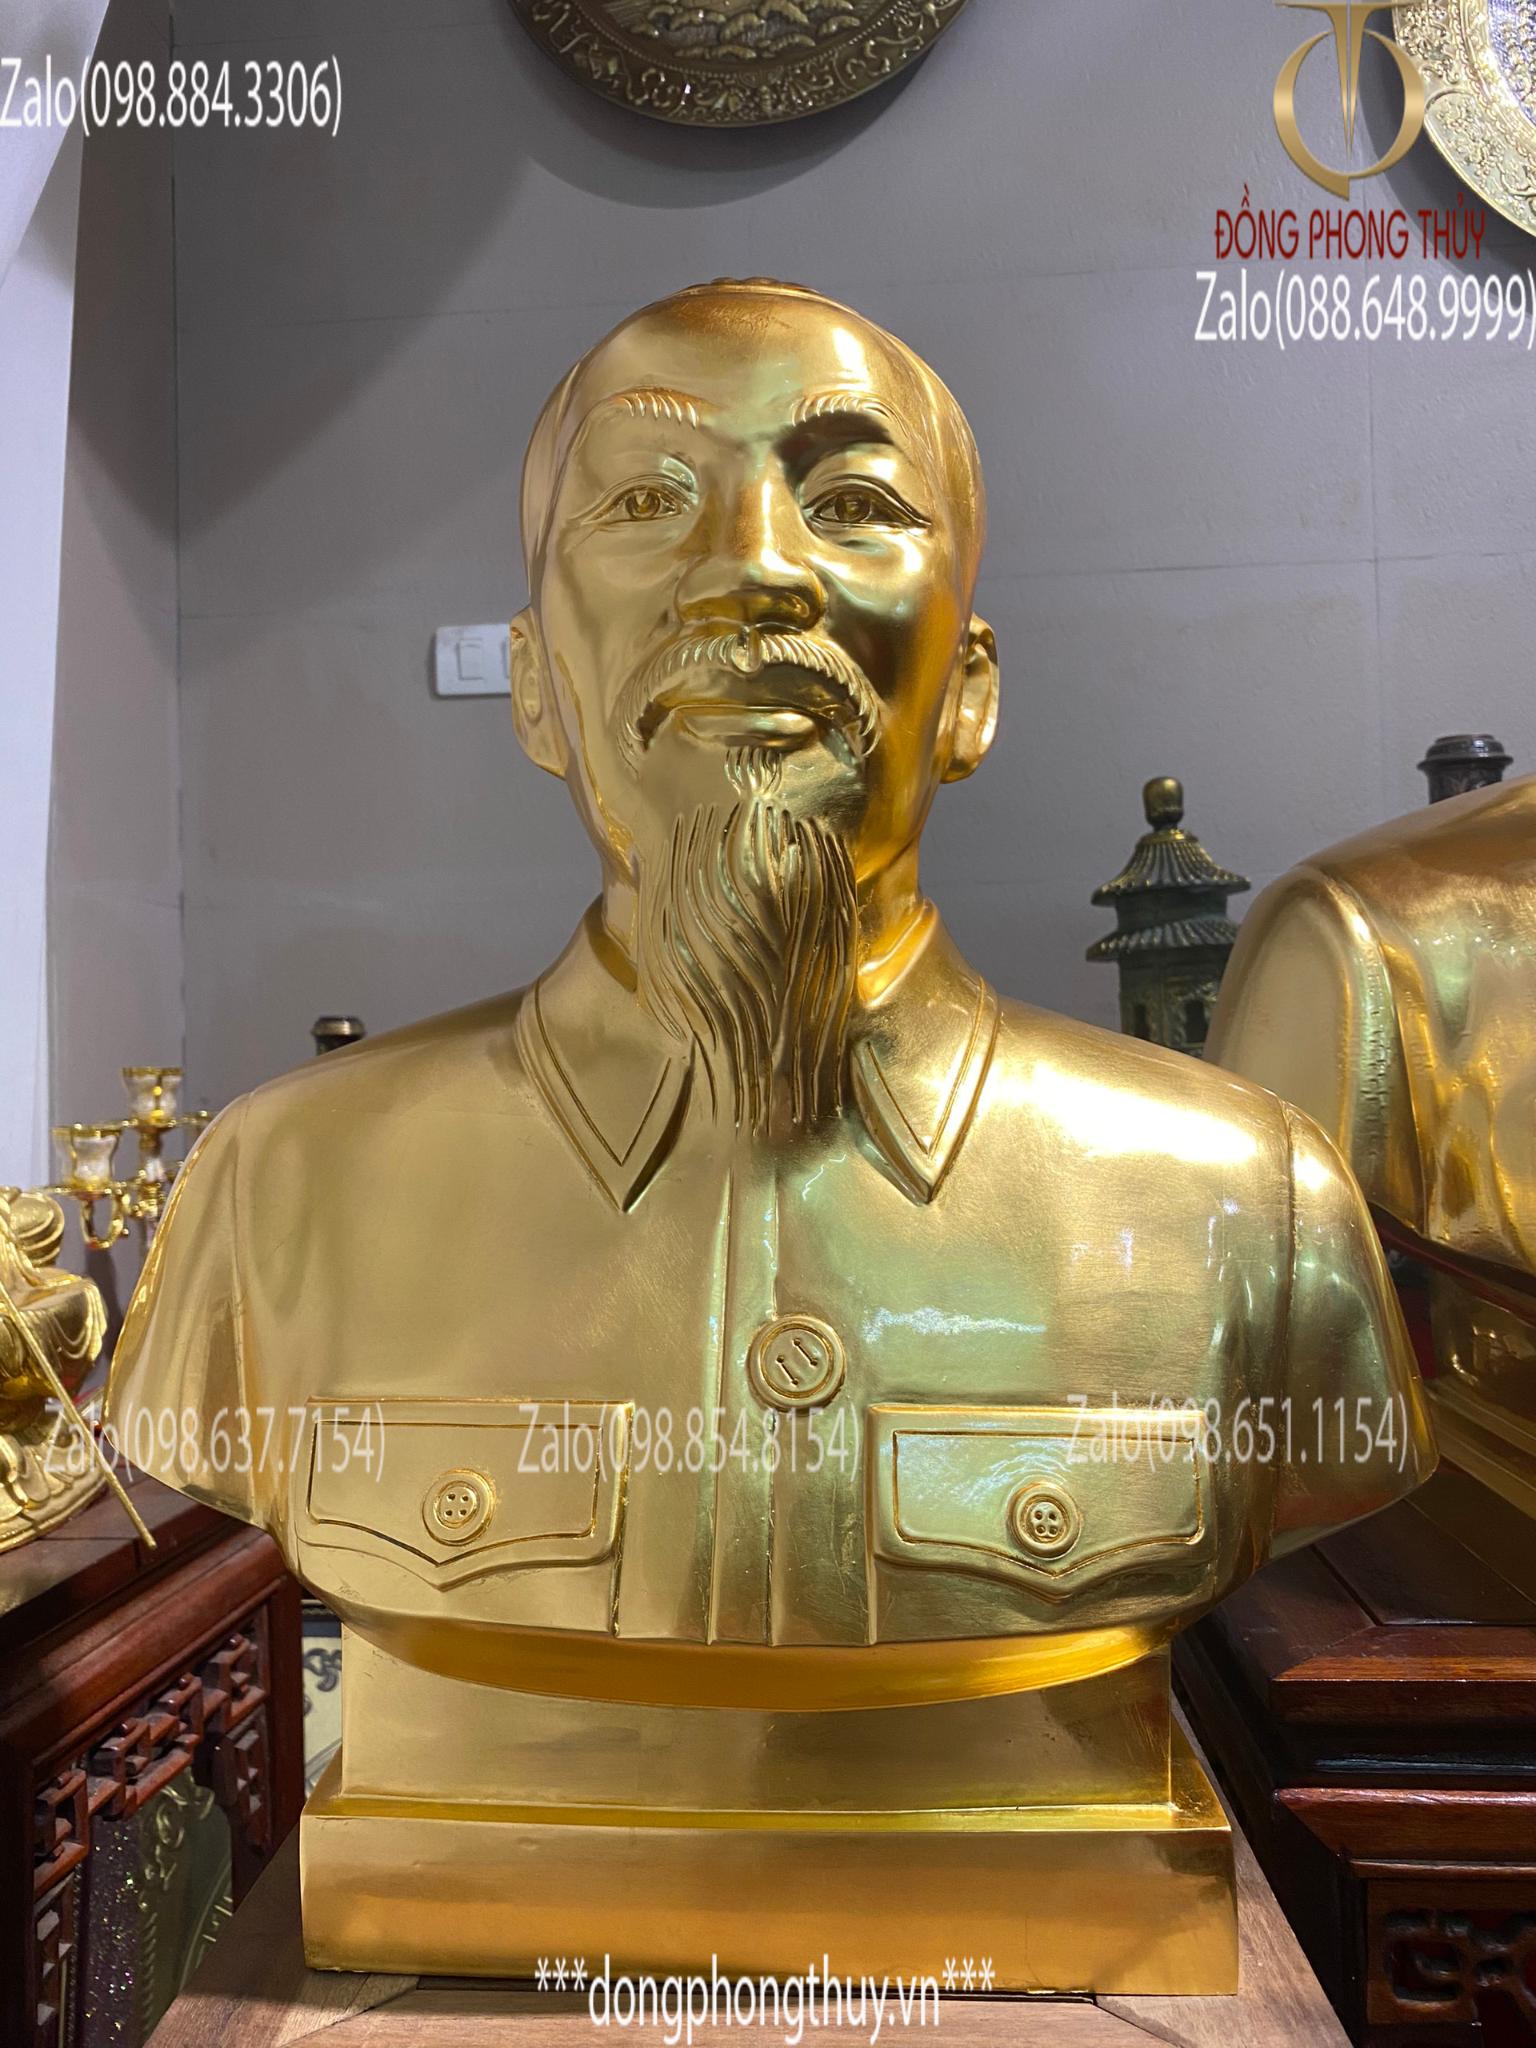 Tượng bác hồ bằng đồng đỏ thếp vàng 24k cao 50cm, nặng 20kg